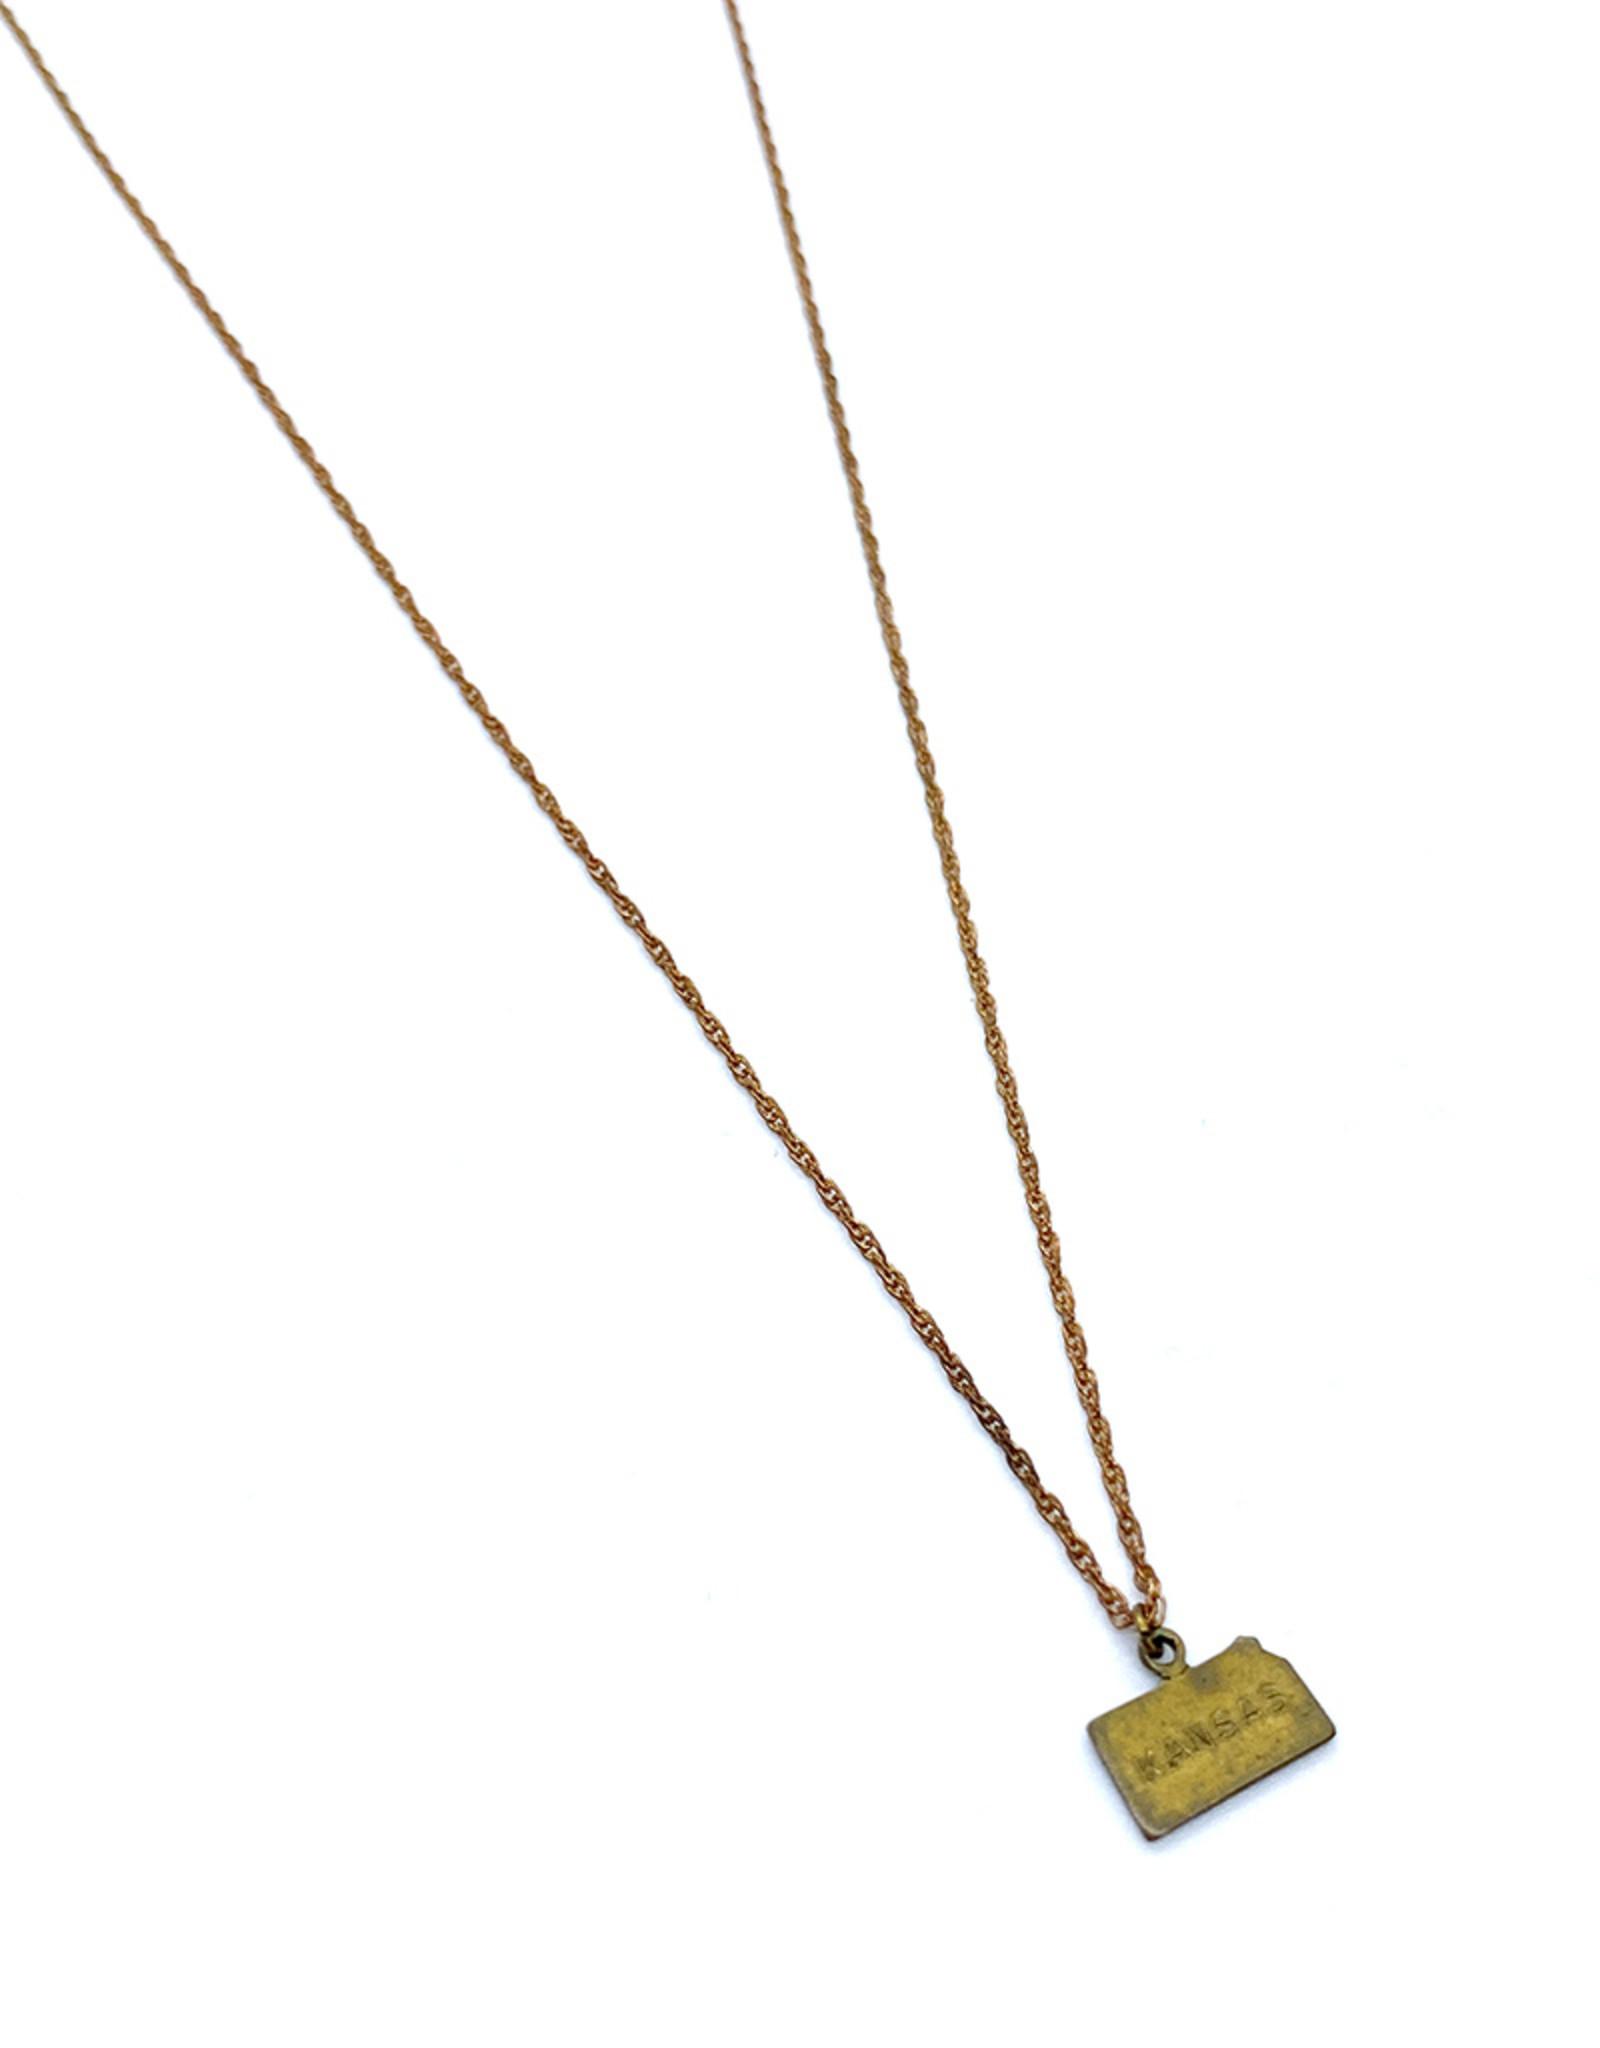 kizmet jewelry Kansas Charm + Copper Chain Necklace